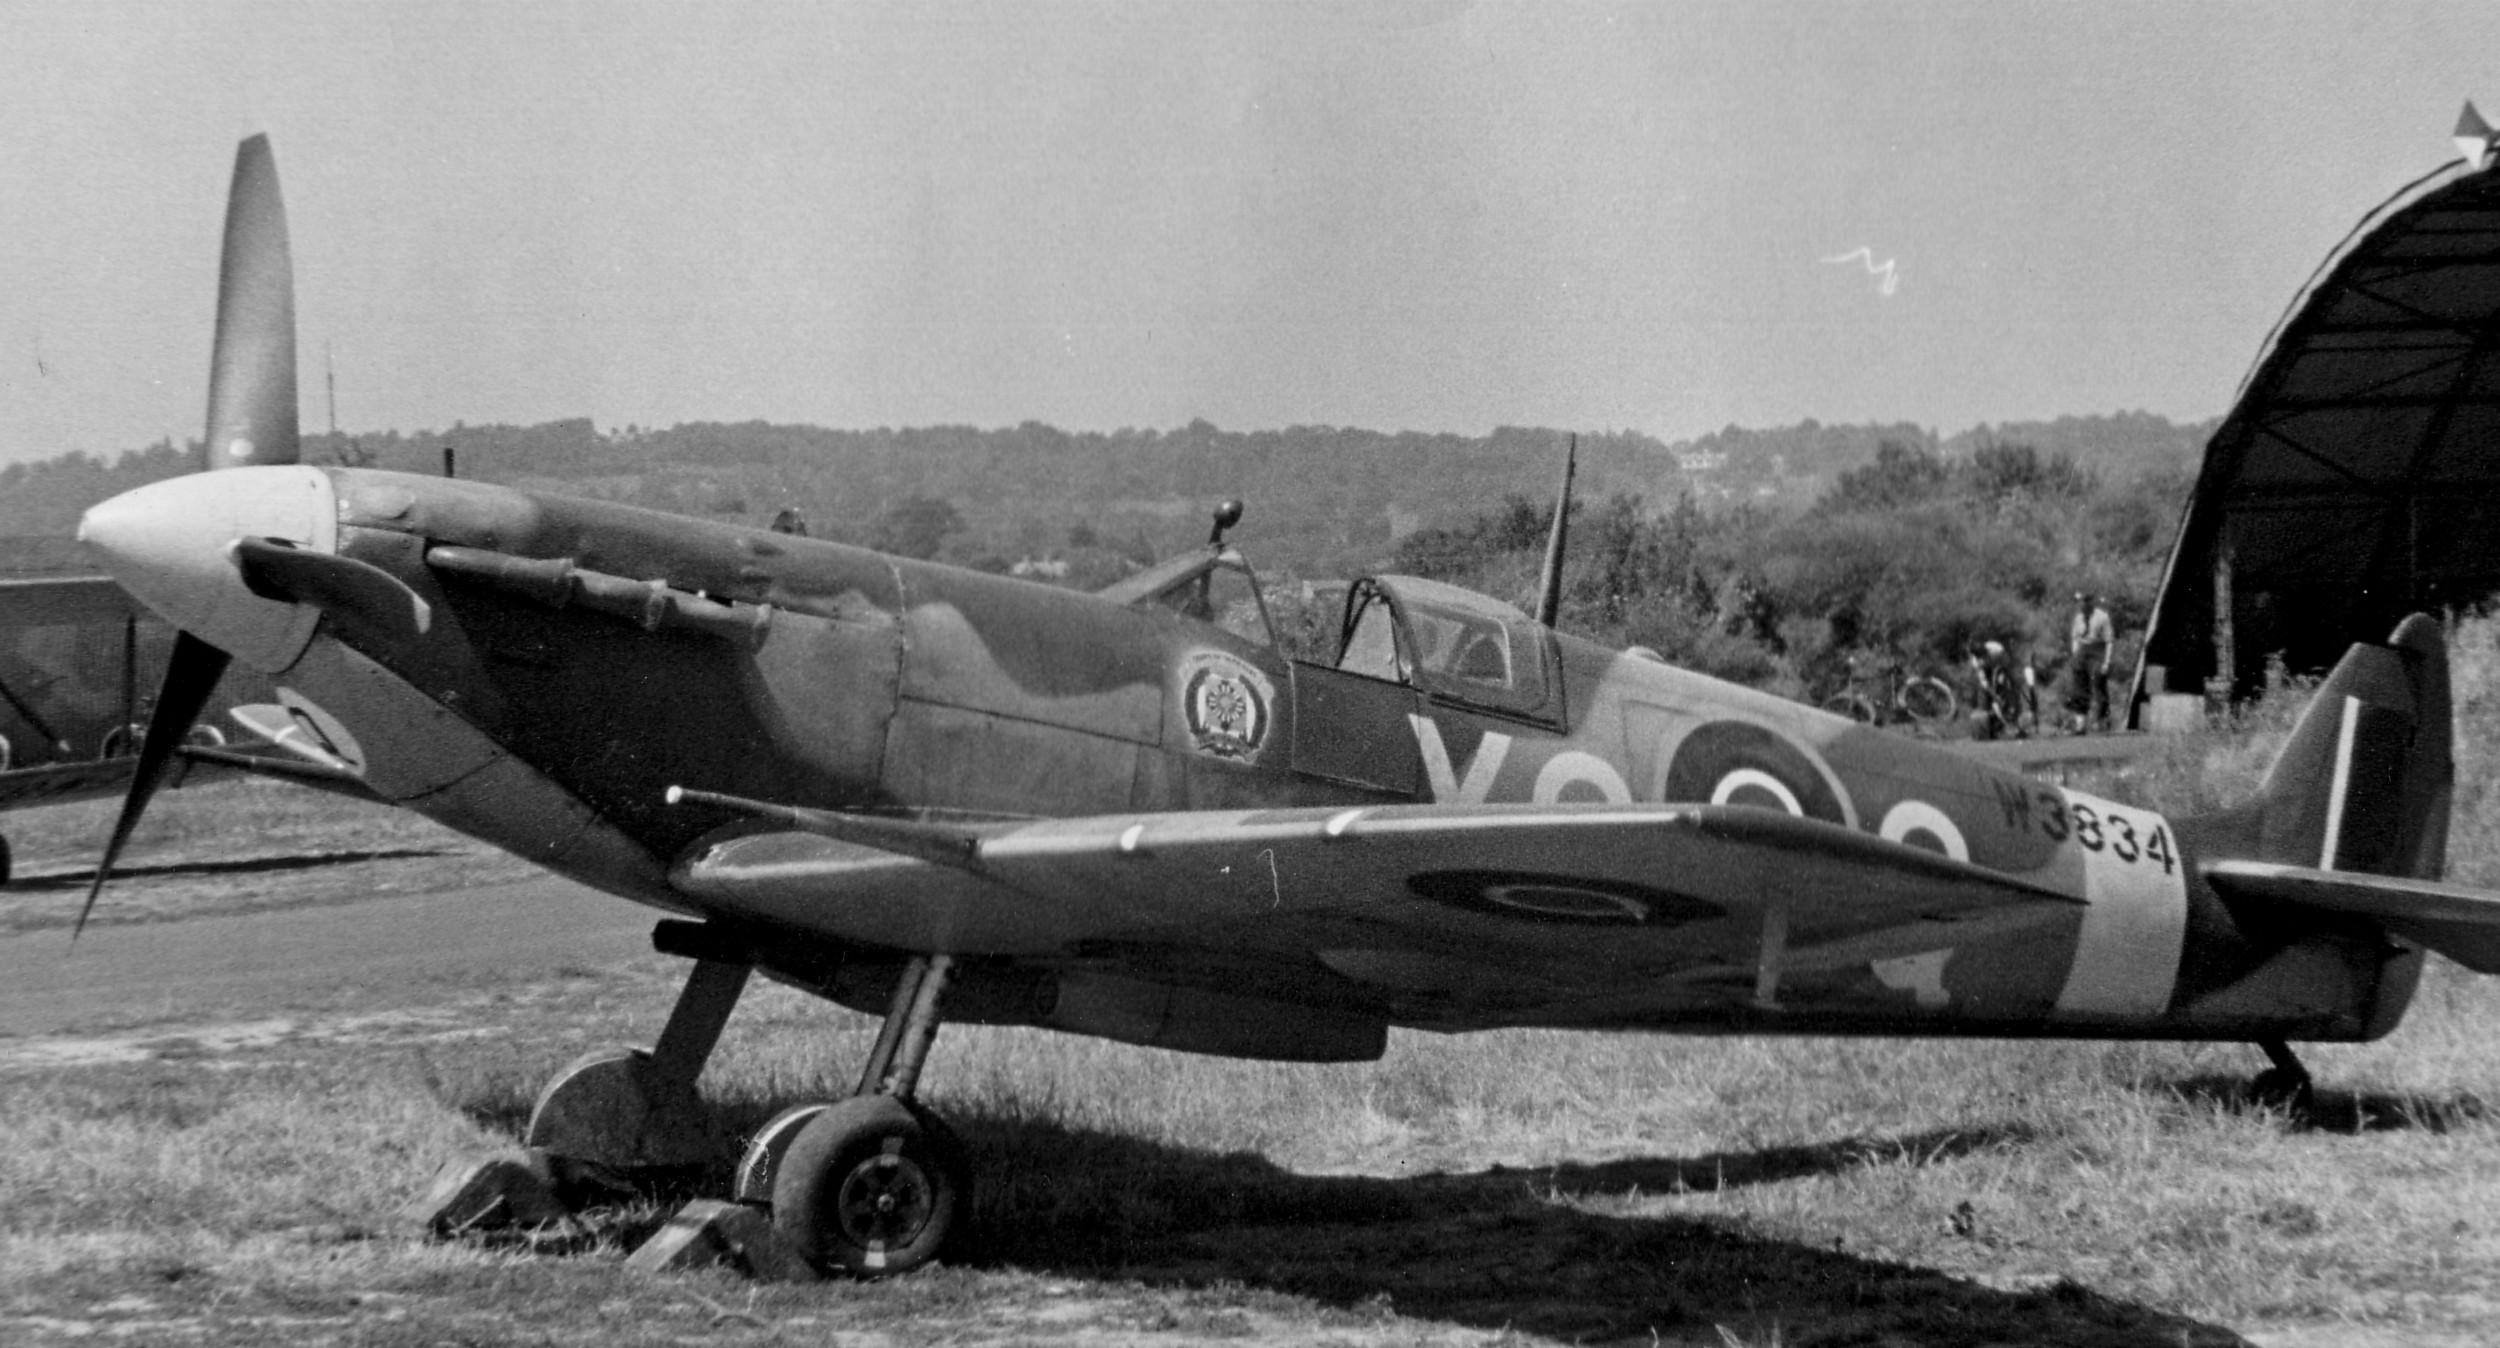 Aerei Da Caccia Americani Seconda Guerra Mondiale : In birmania a caccia di aerei inglesi della seconda guerra